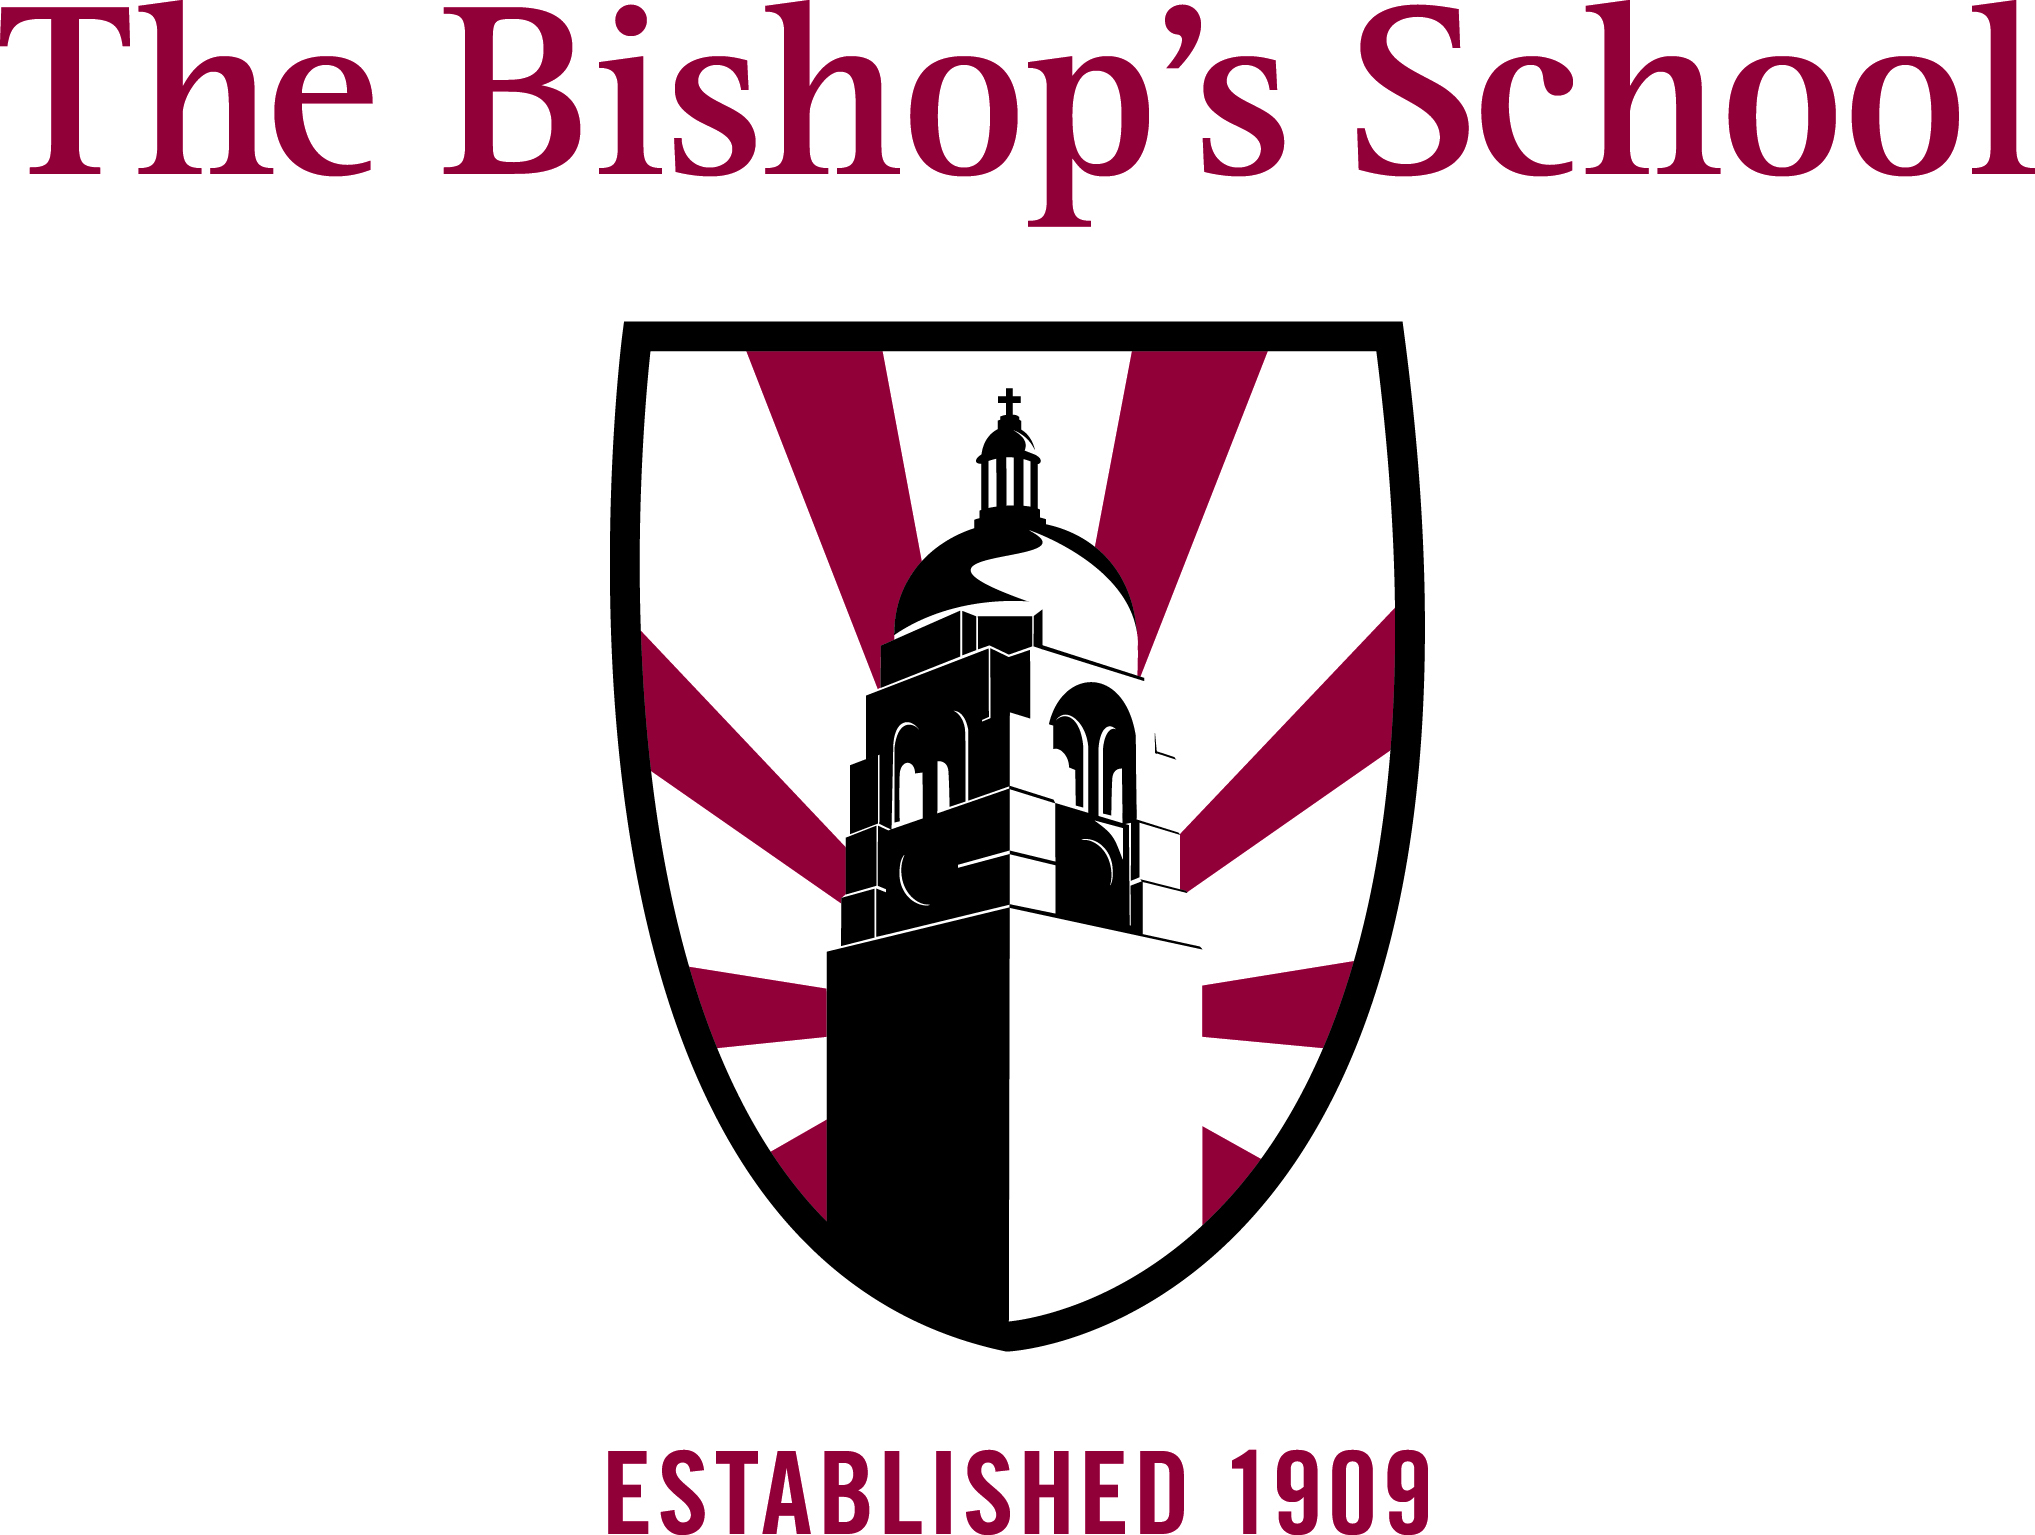 Bishop's School